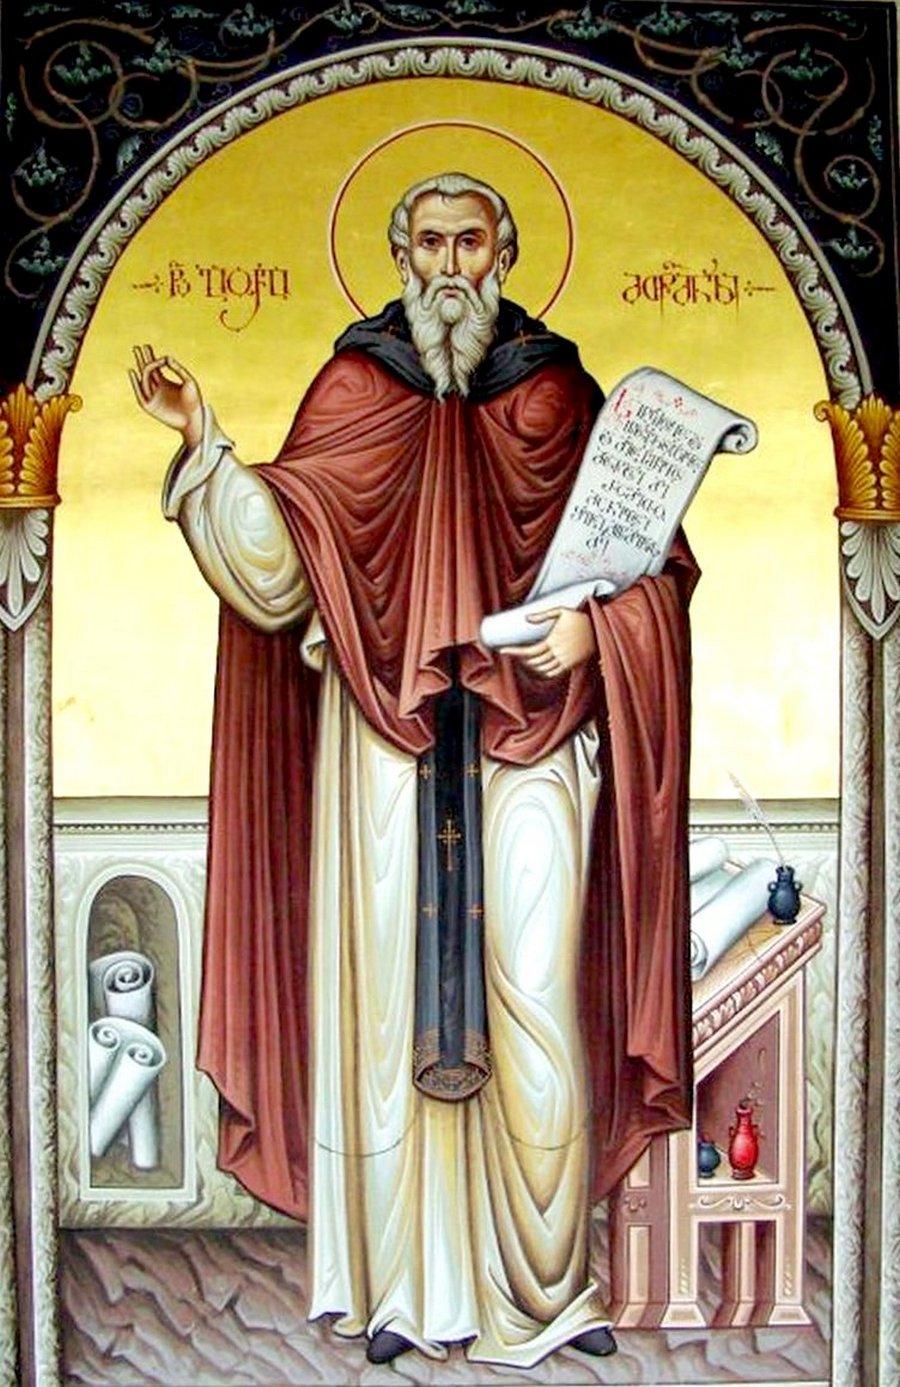 Святой Преподобный Георгий Иверский, Афонский (Гиорги Мтацминдели). Иконописец Зураб Модебадзе.